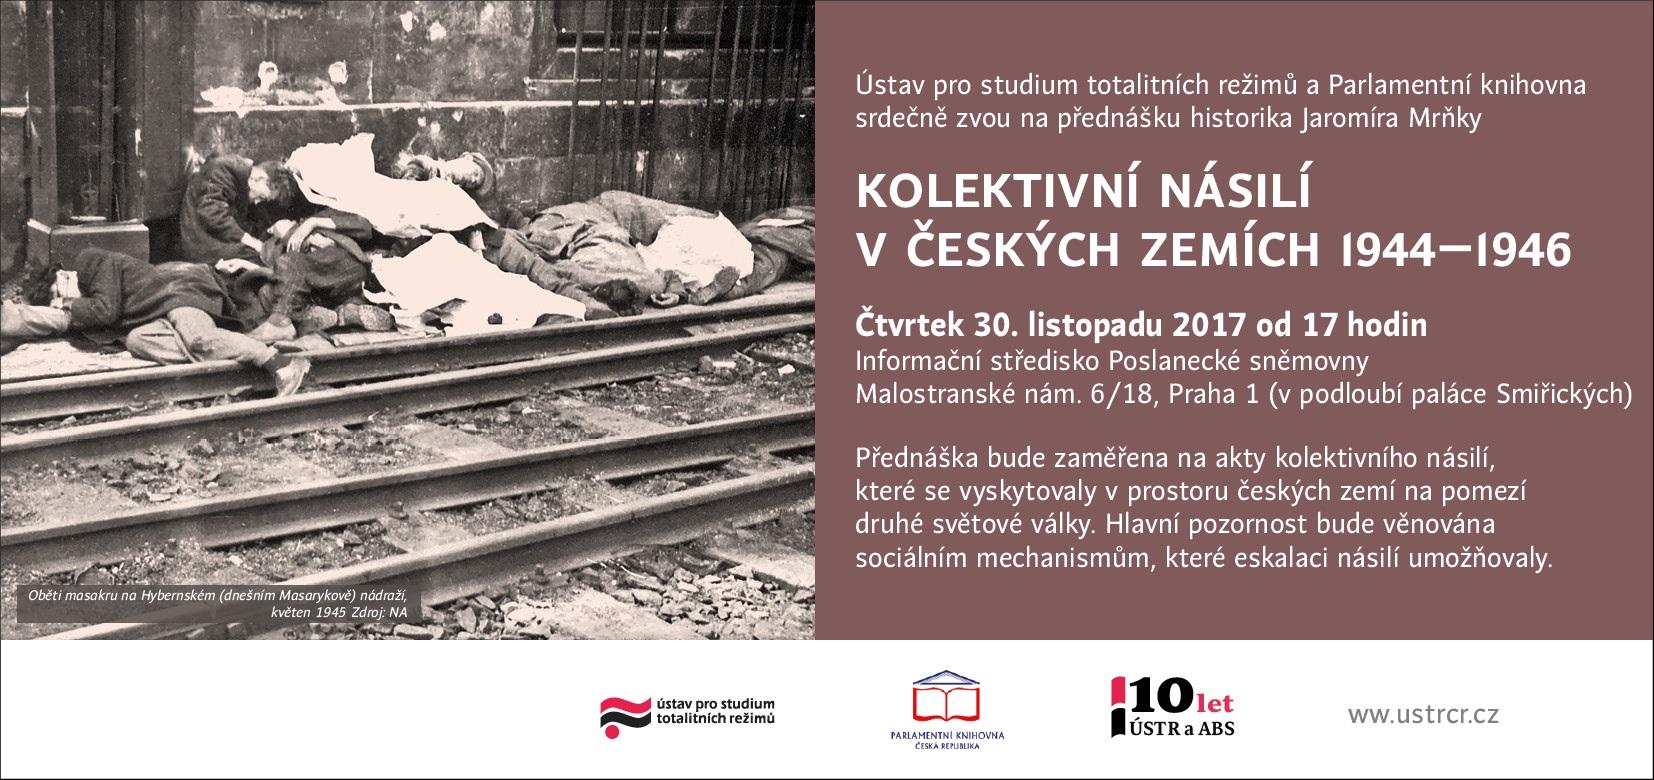 Přednáška Kolektivní násilí v českých zemích v letech 1944-1946